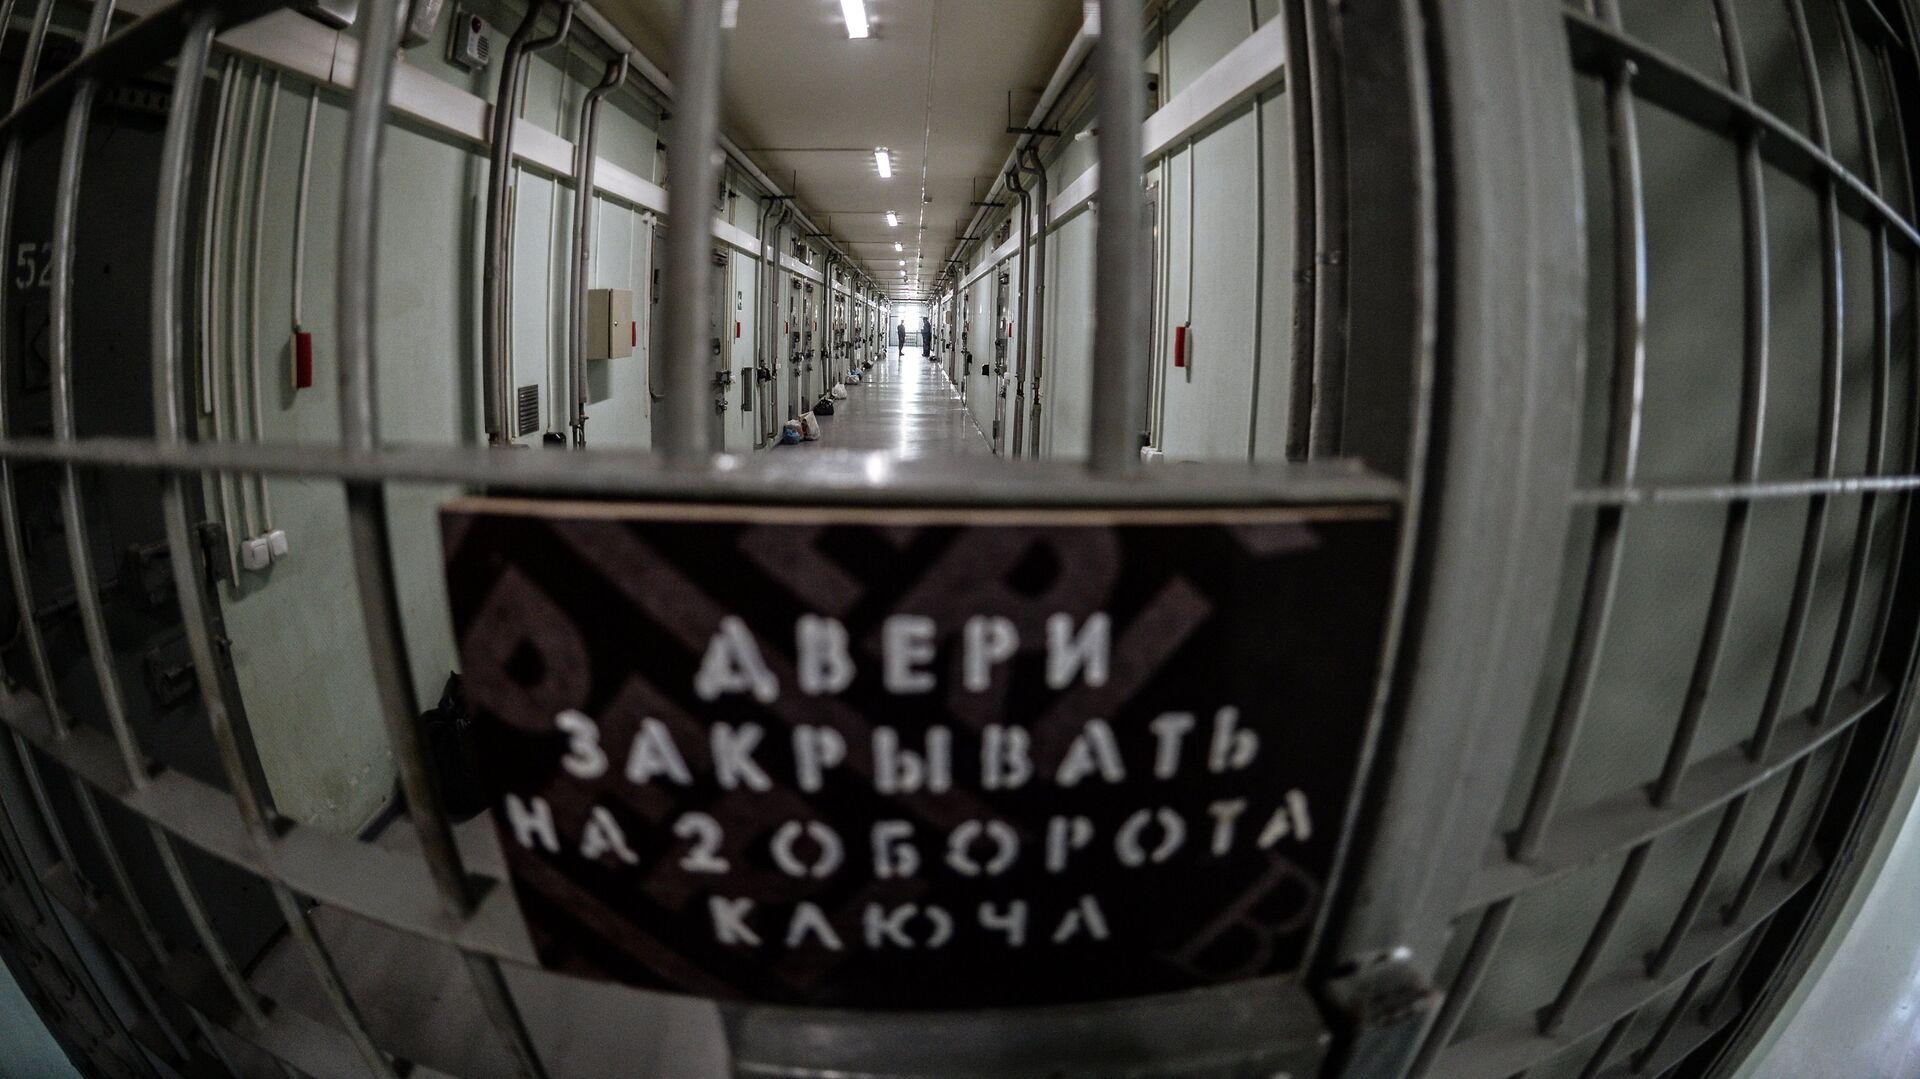 Следственного изолятора - РИА Новости, 1920, 17.02.2021